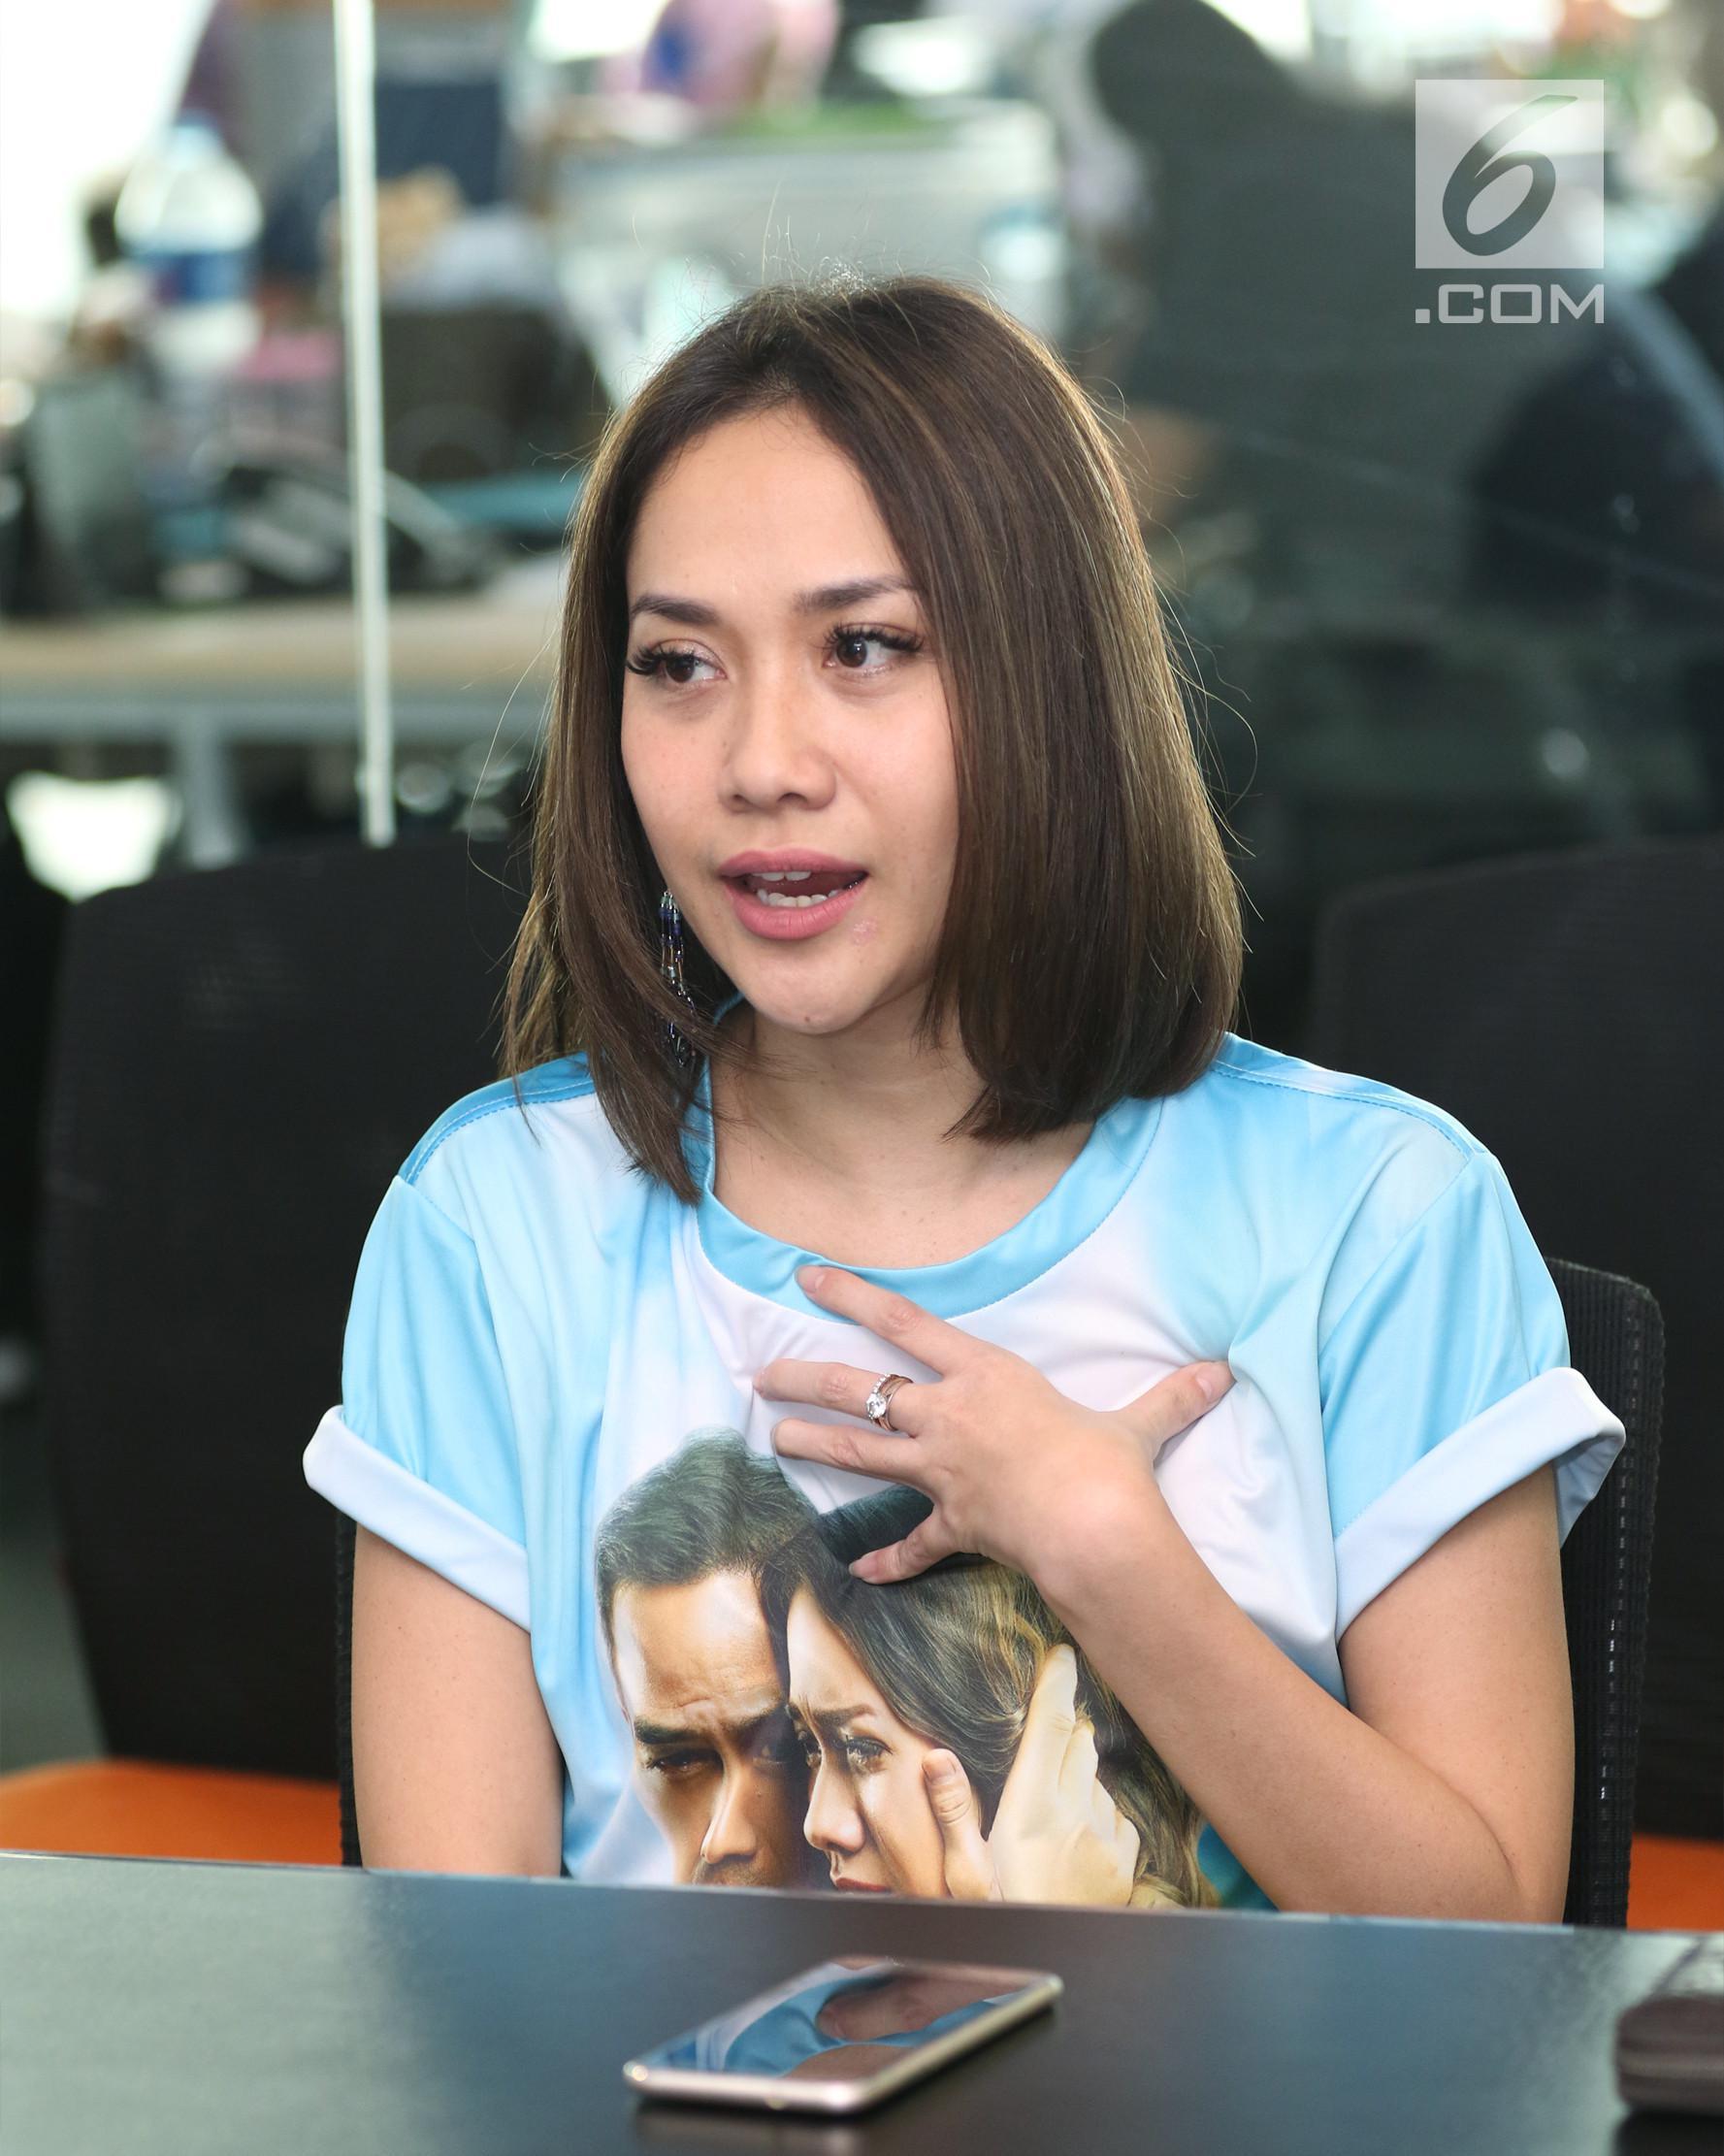 Pemain film Surat Kecil Untuk Tuhan, Bunga Citra Lestari saat berkunjung ke kantor Liputan6.com di SCTV Tower, Jakarta, Selasa (30/5). (Liputan6.com/Fatkhur Rozaq)